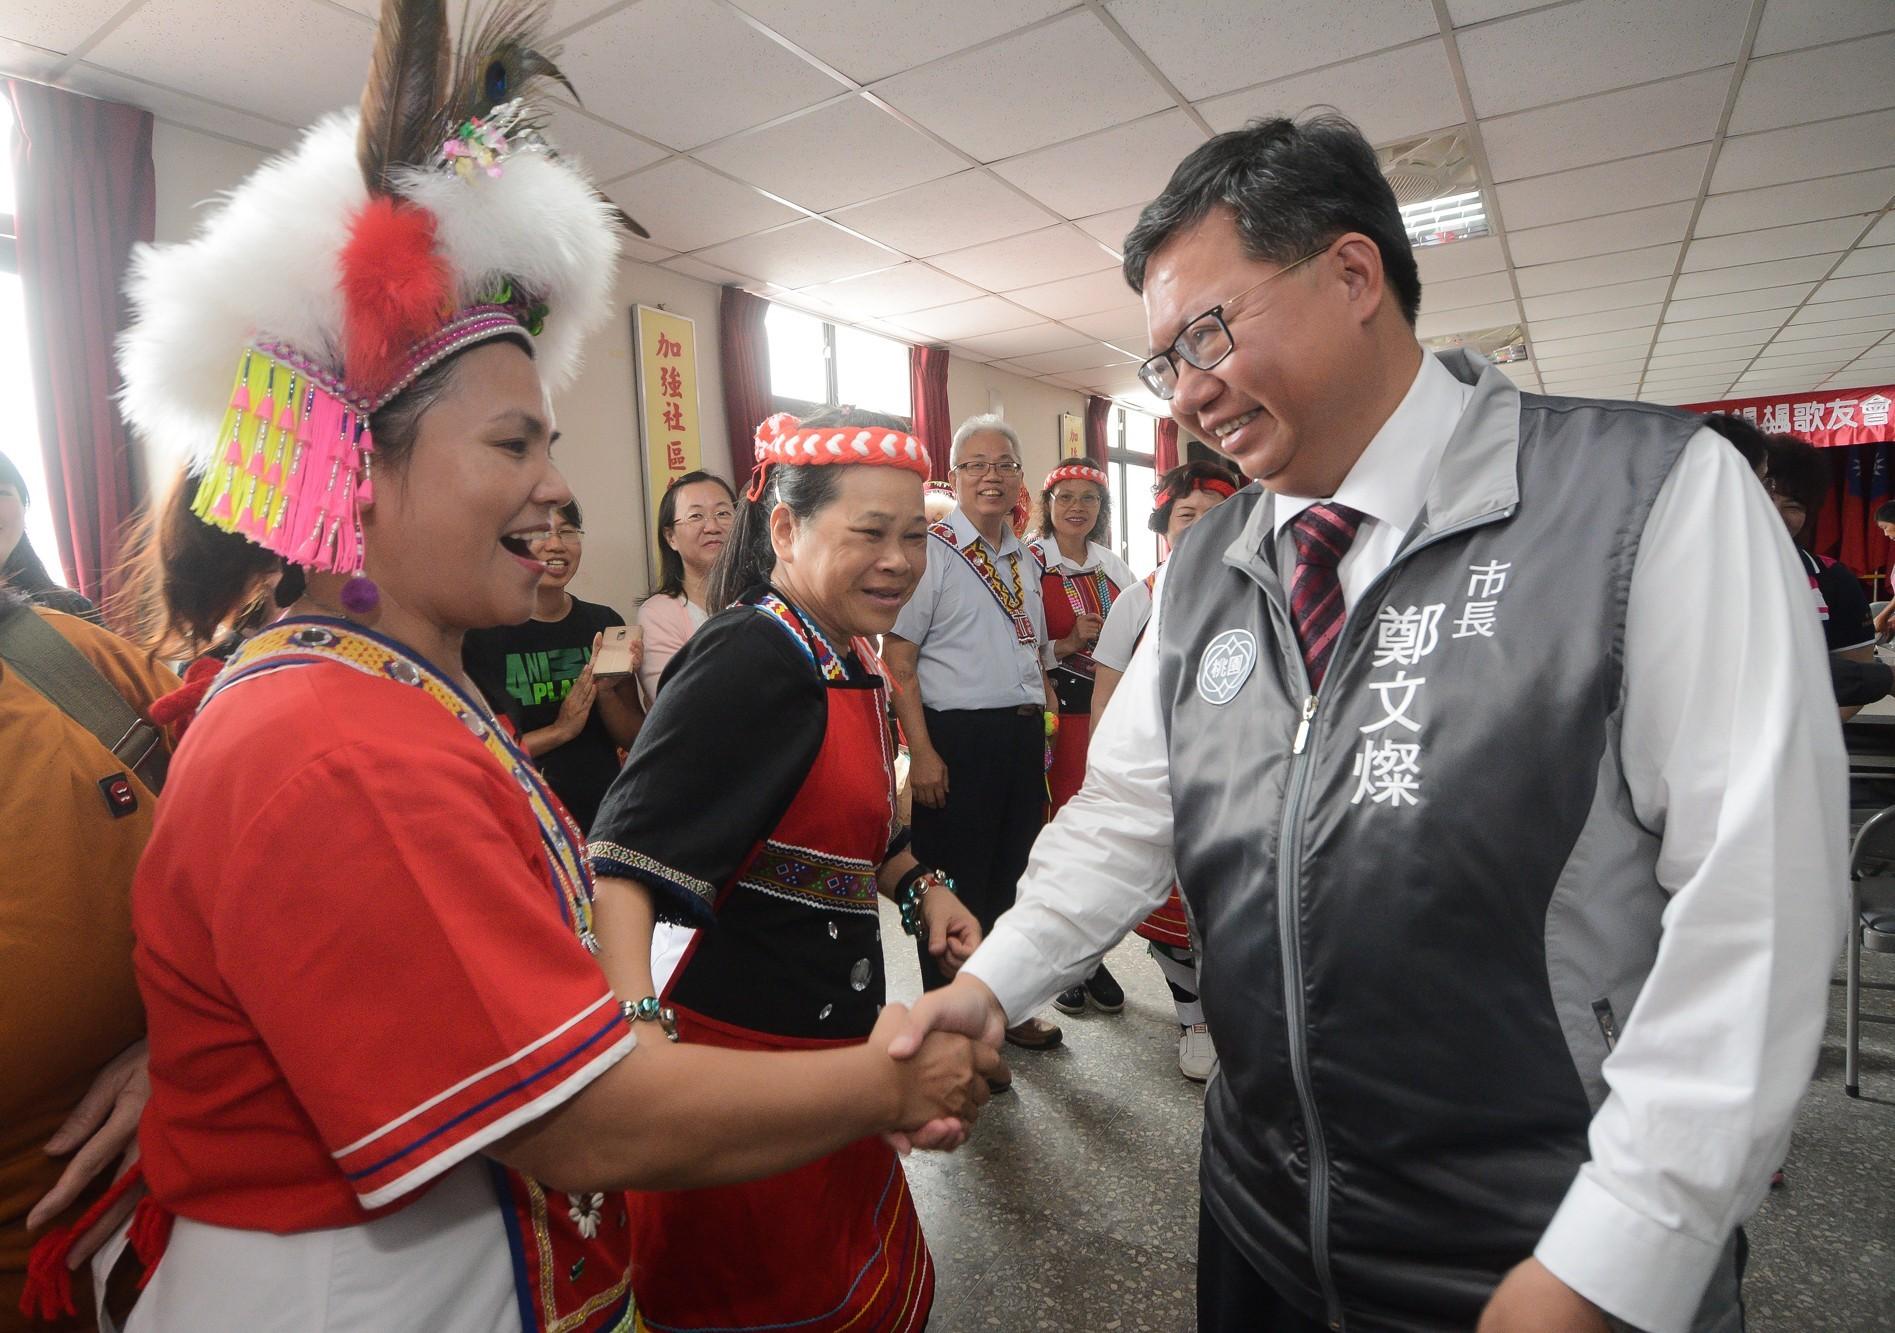 市長和原住民族市民朋友握手寒暄